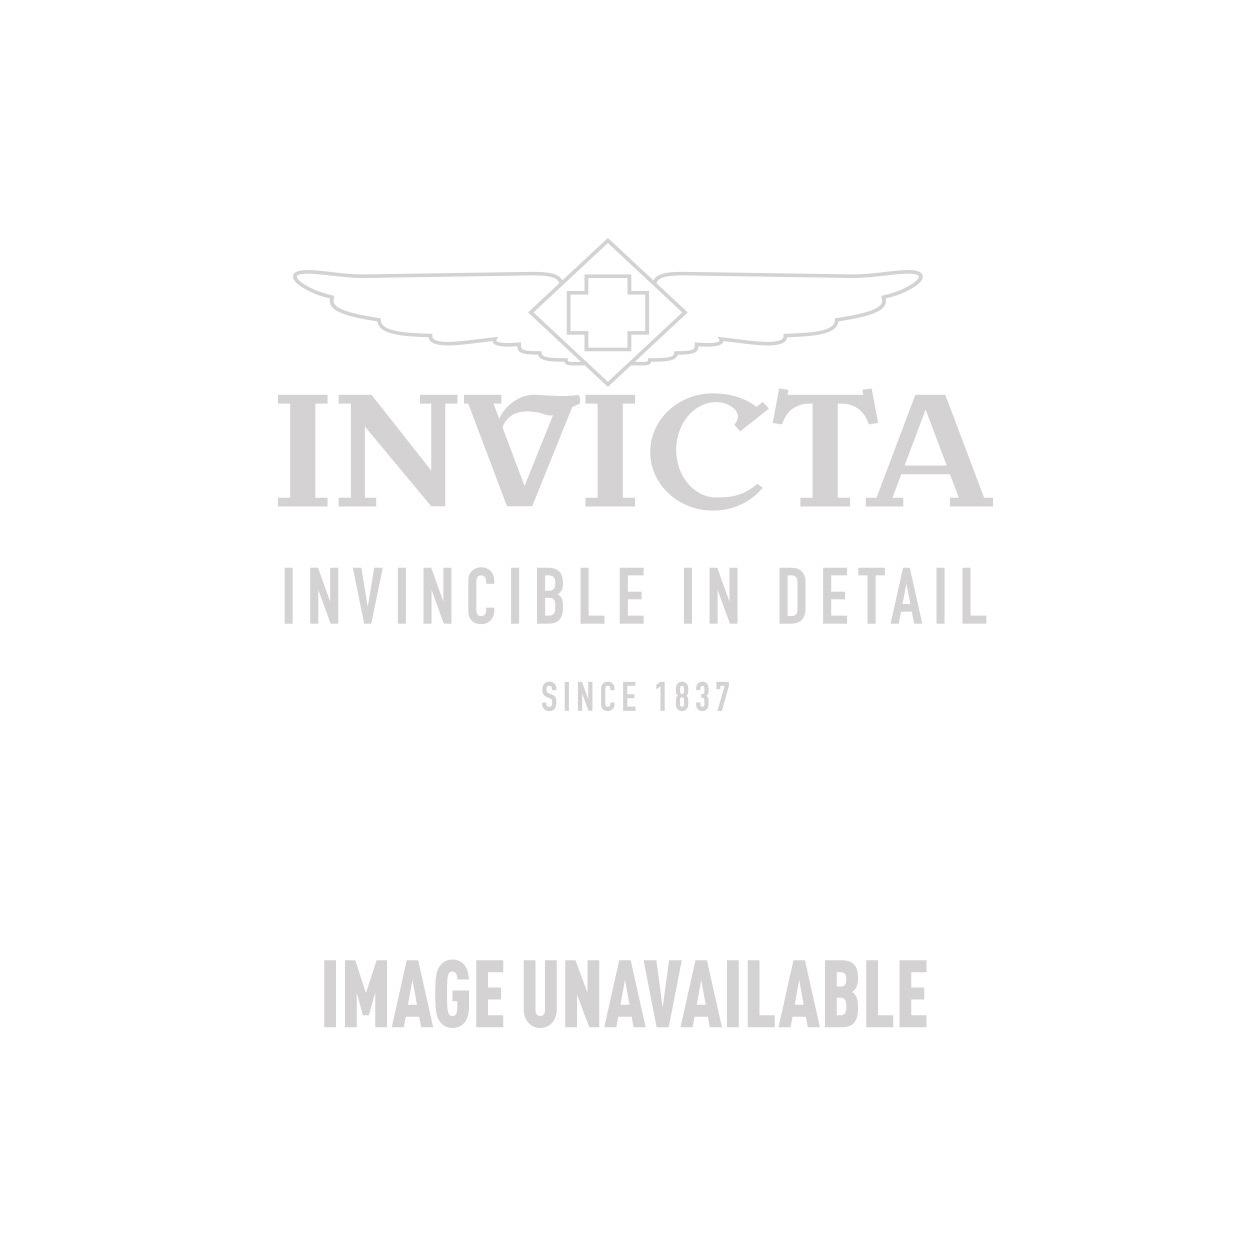 Invicta Model 26904